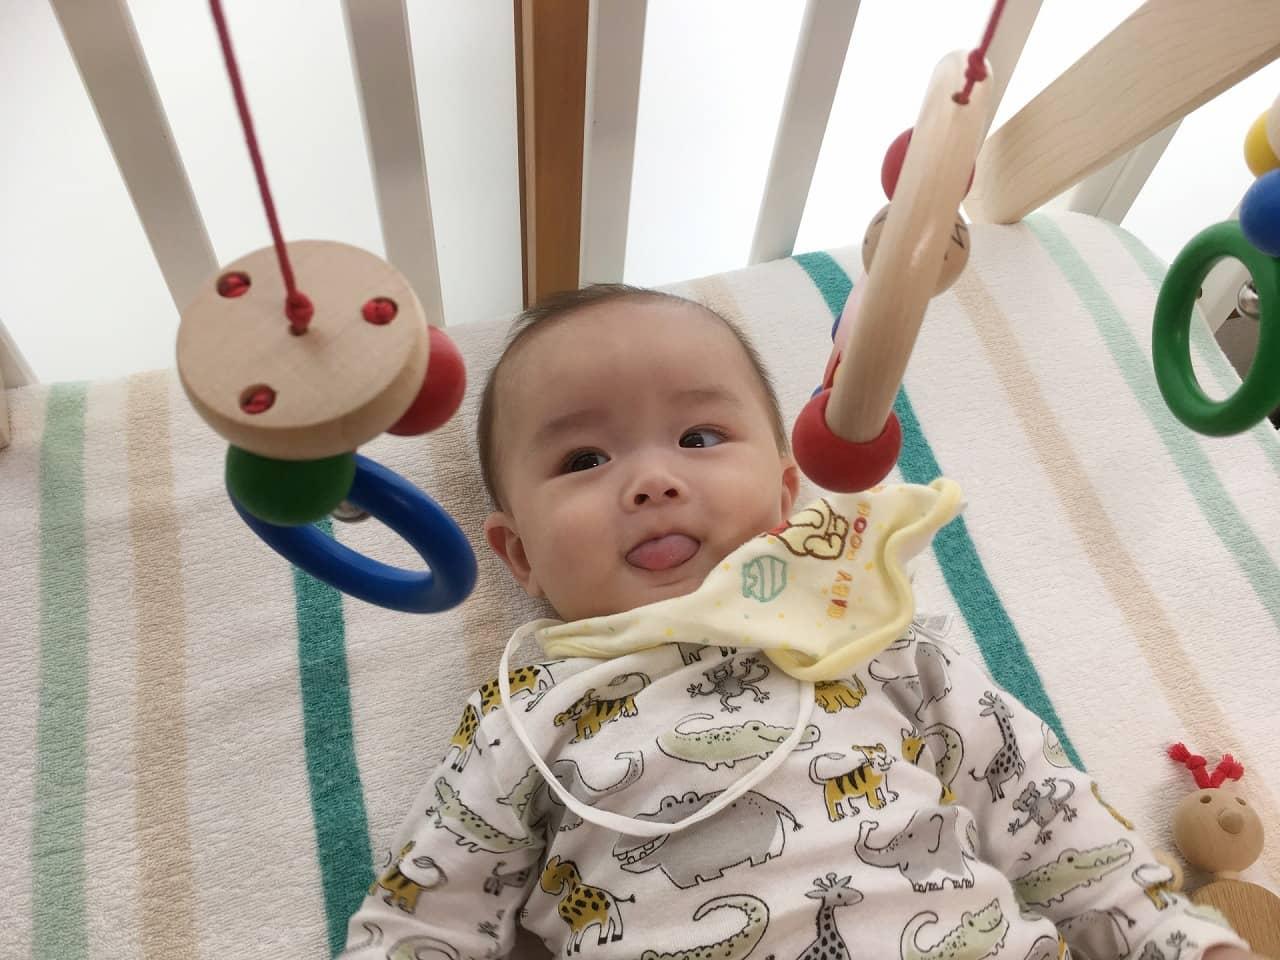 生後5ヶ月の赤ちゃんの成長と発達の特徴! 離乳食や夜泣き対策は?